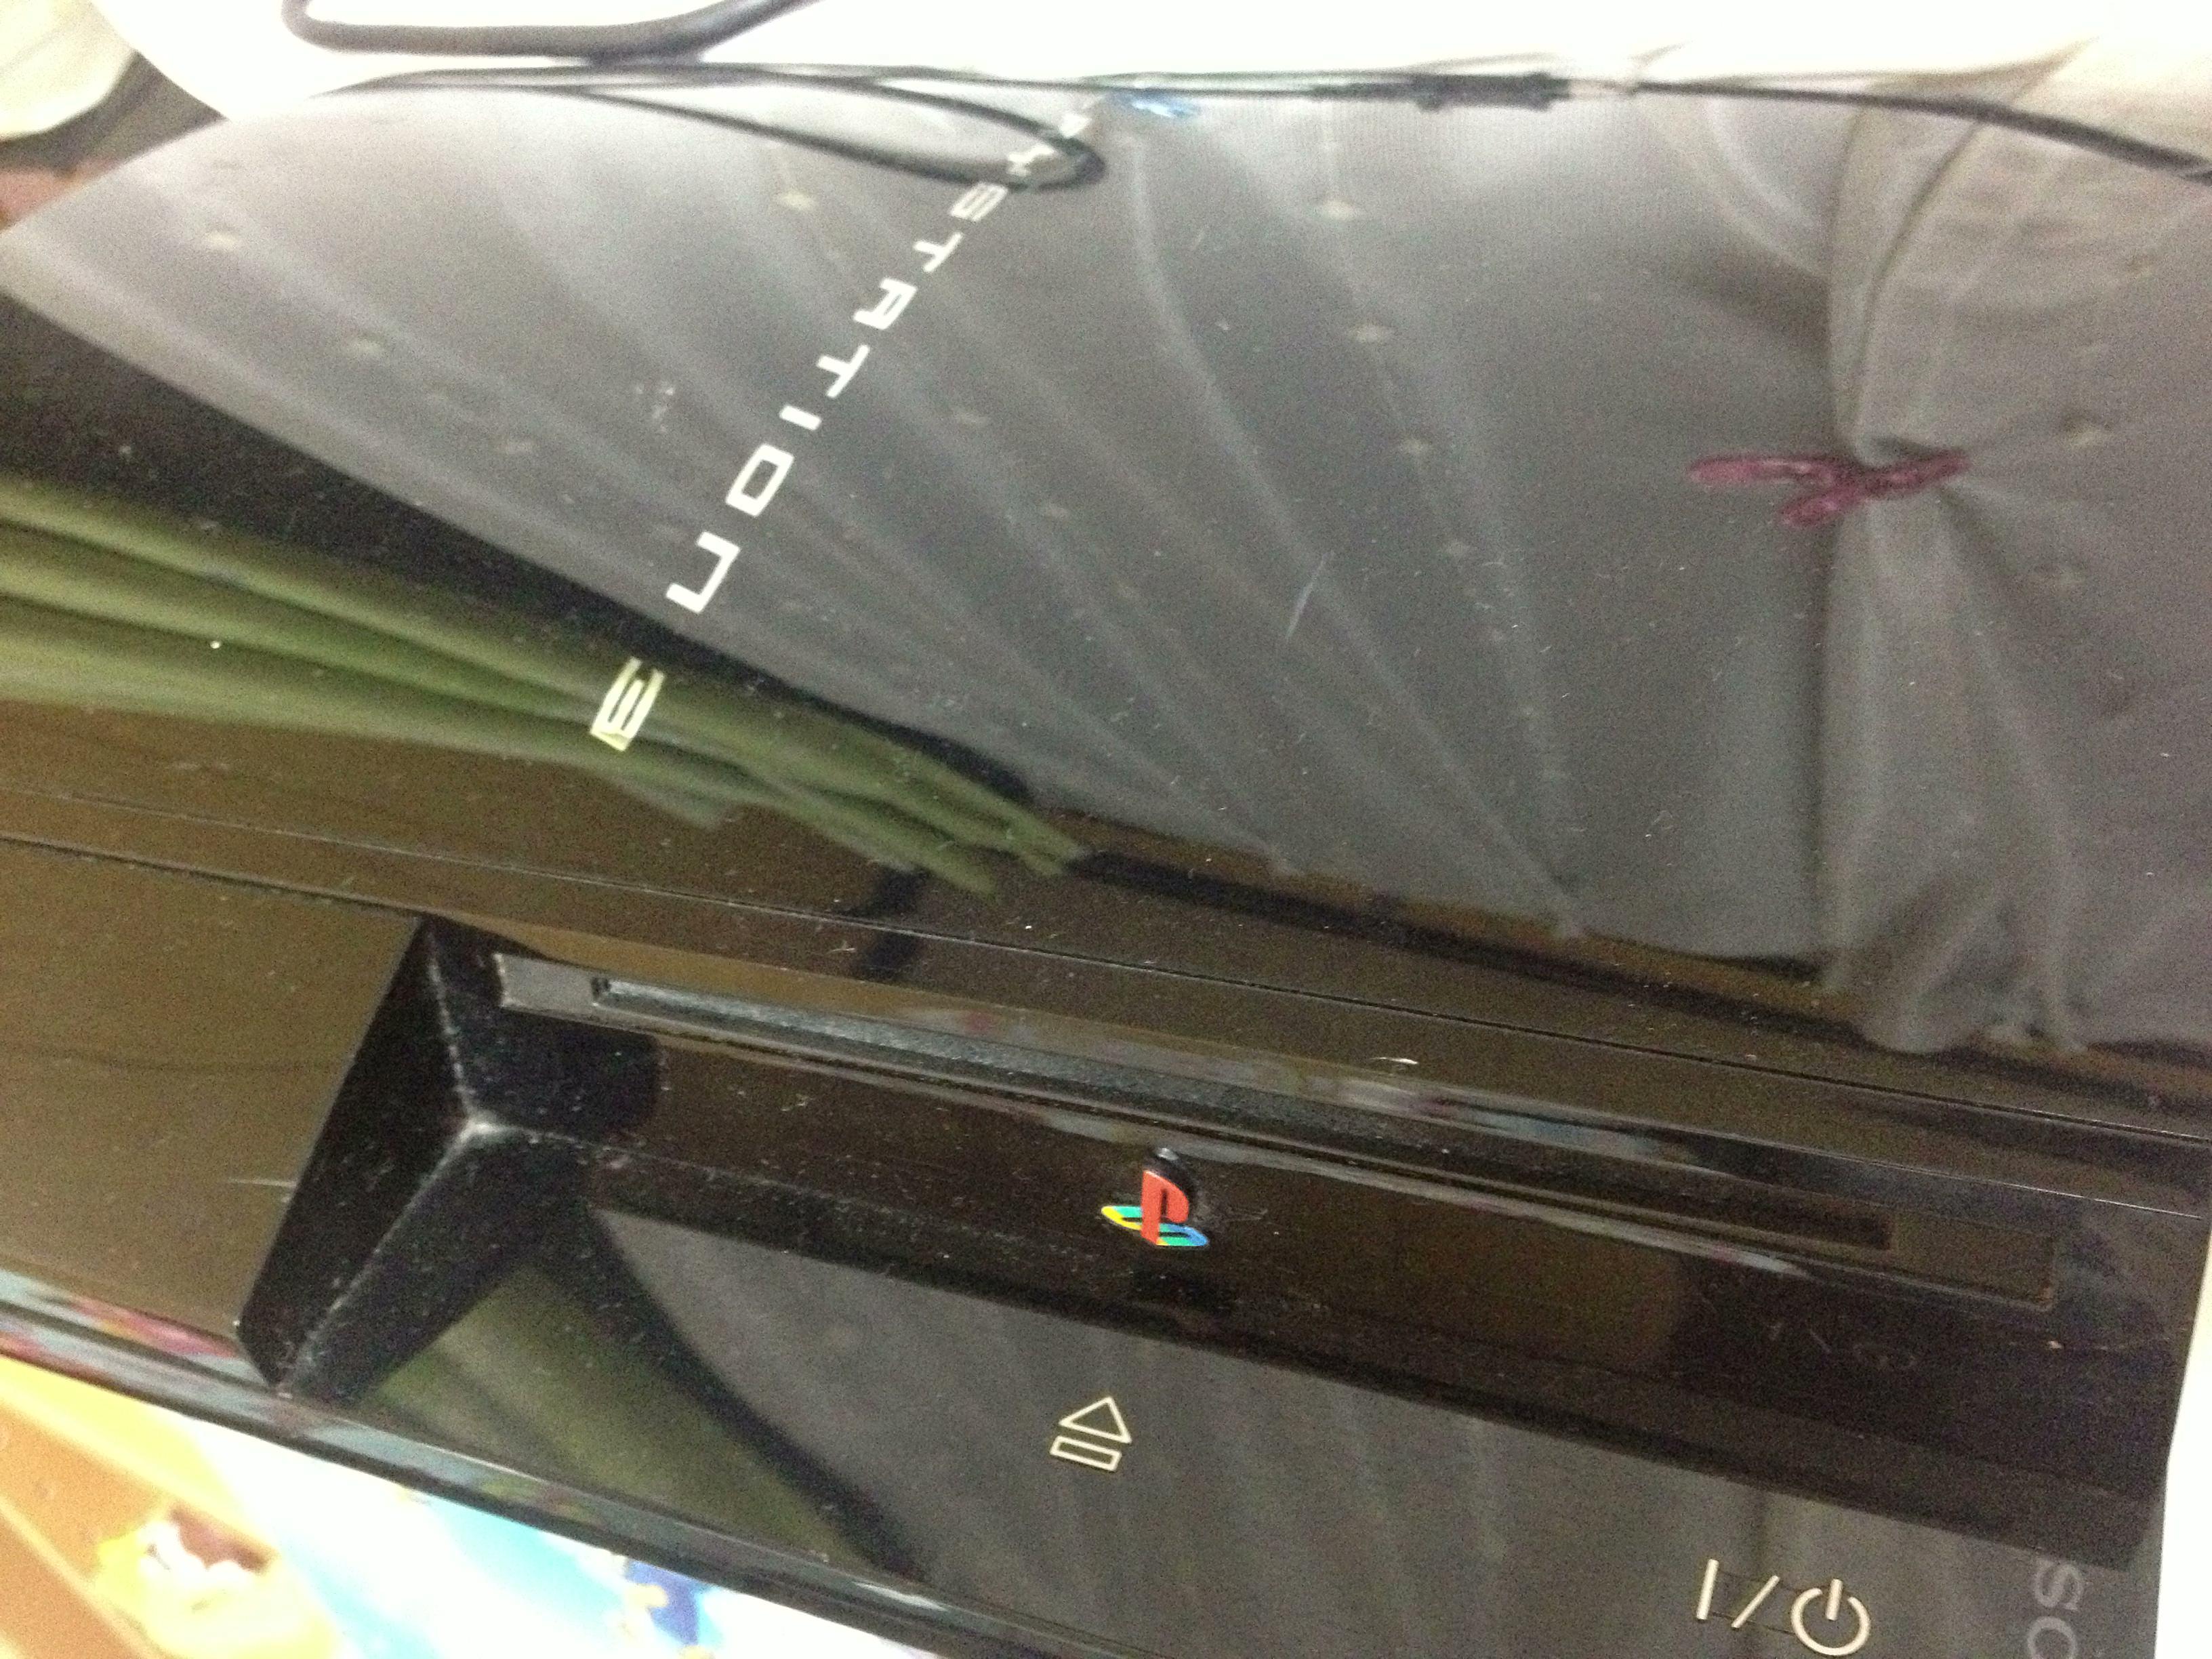 PS3初期モデル 20GB